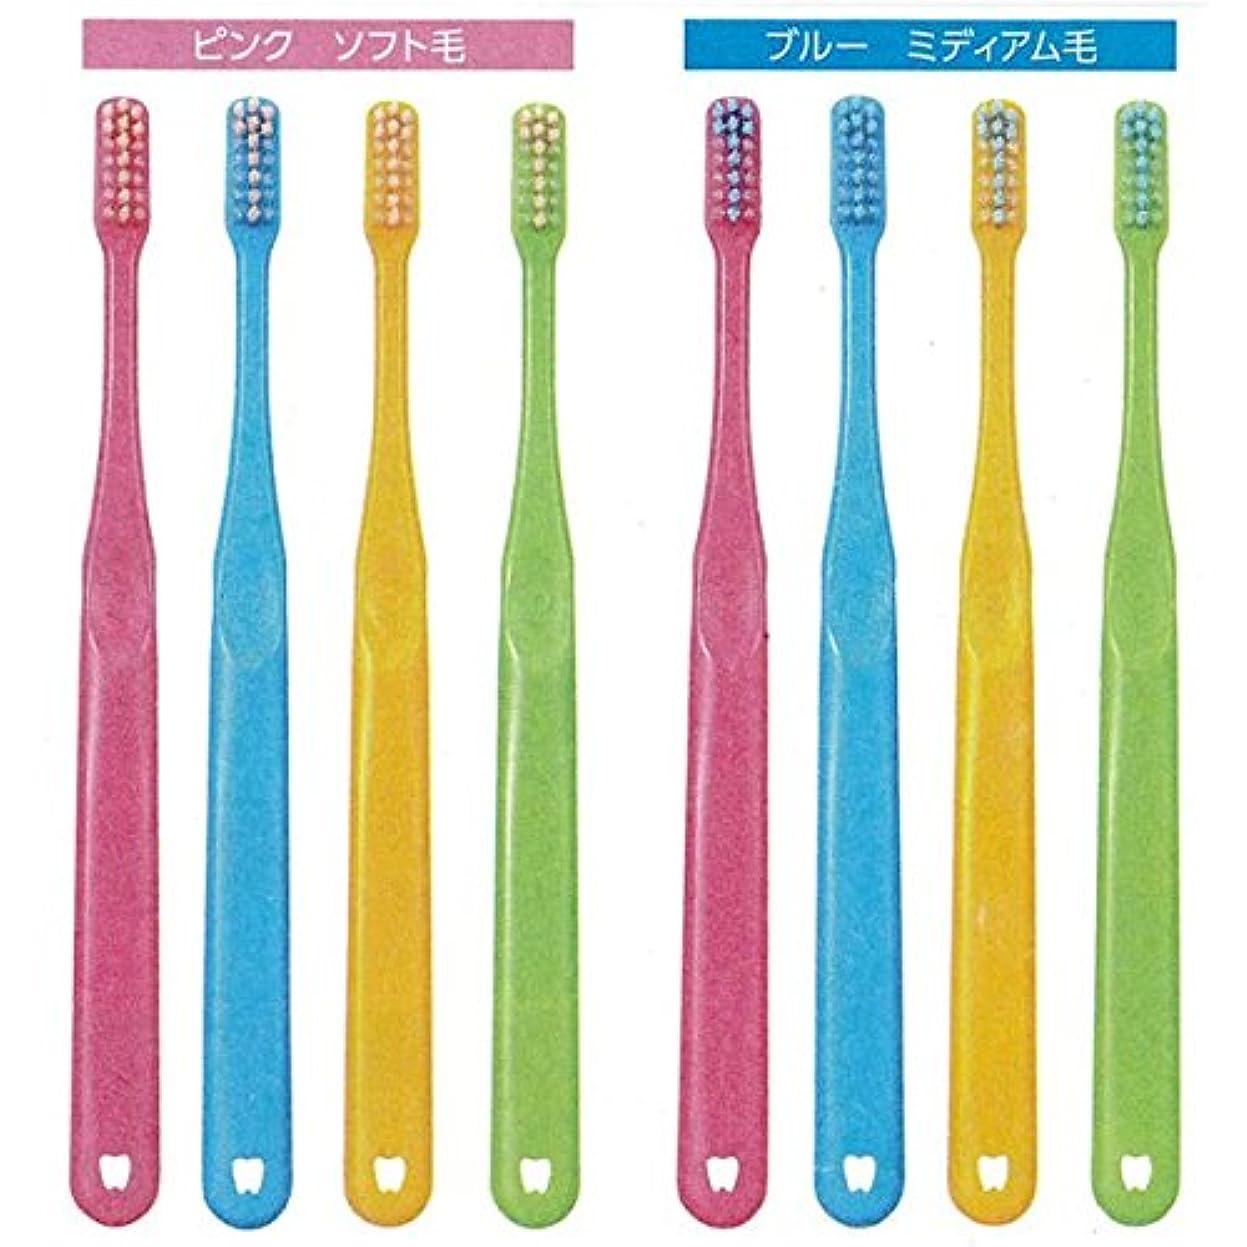 同意するパッチスクリーチci PROPLUS +プロプラス 大人用 一般 歯ブラシ1本 (S(やわらかめ))